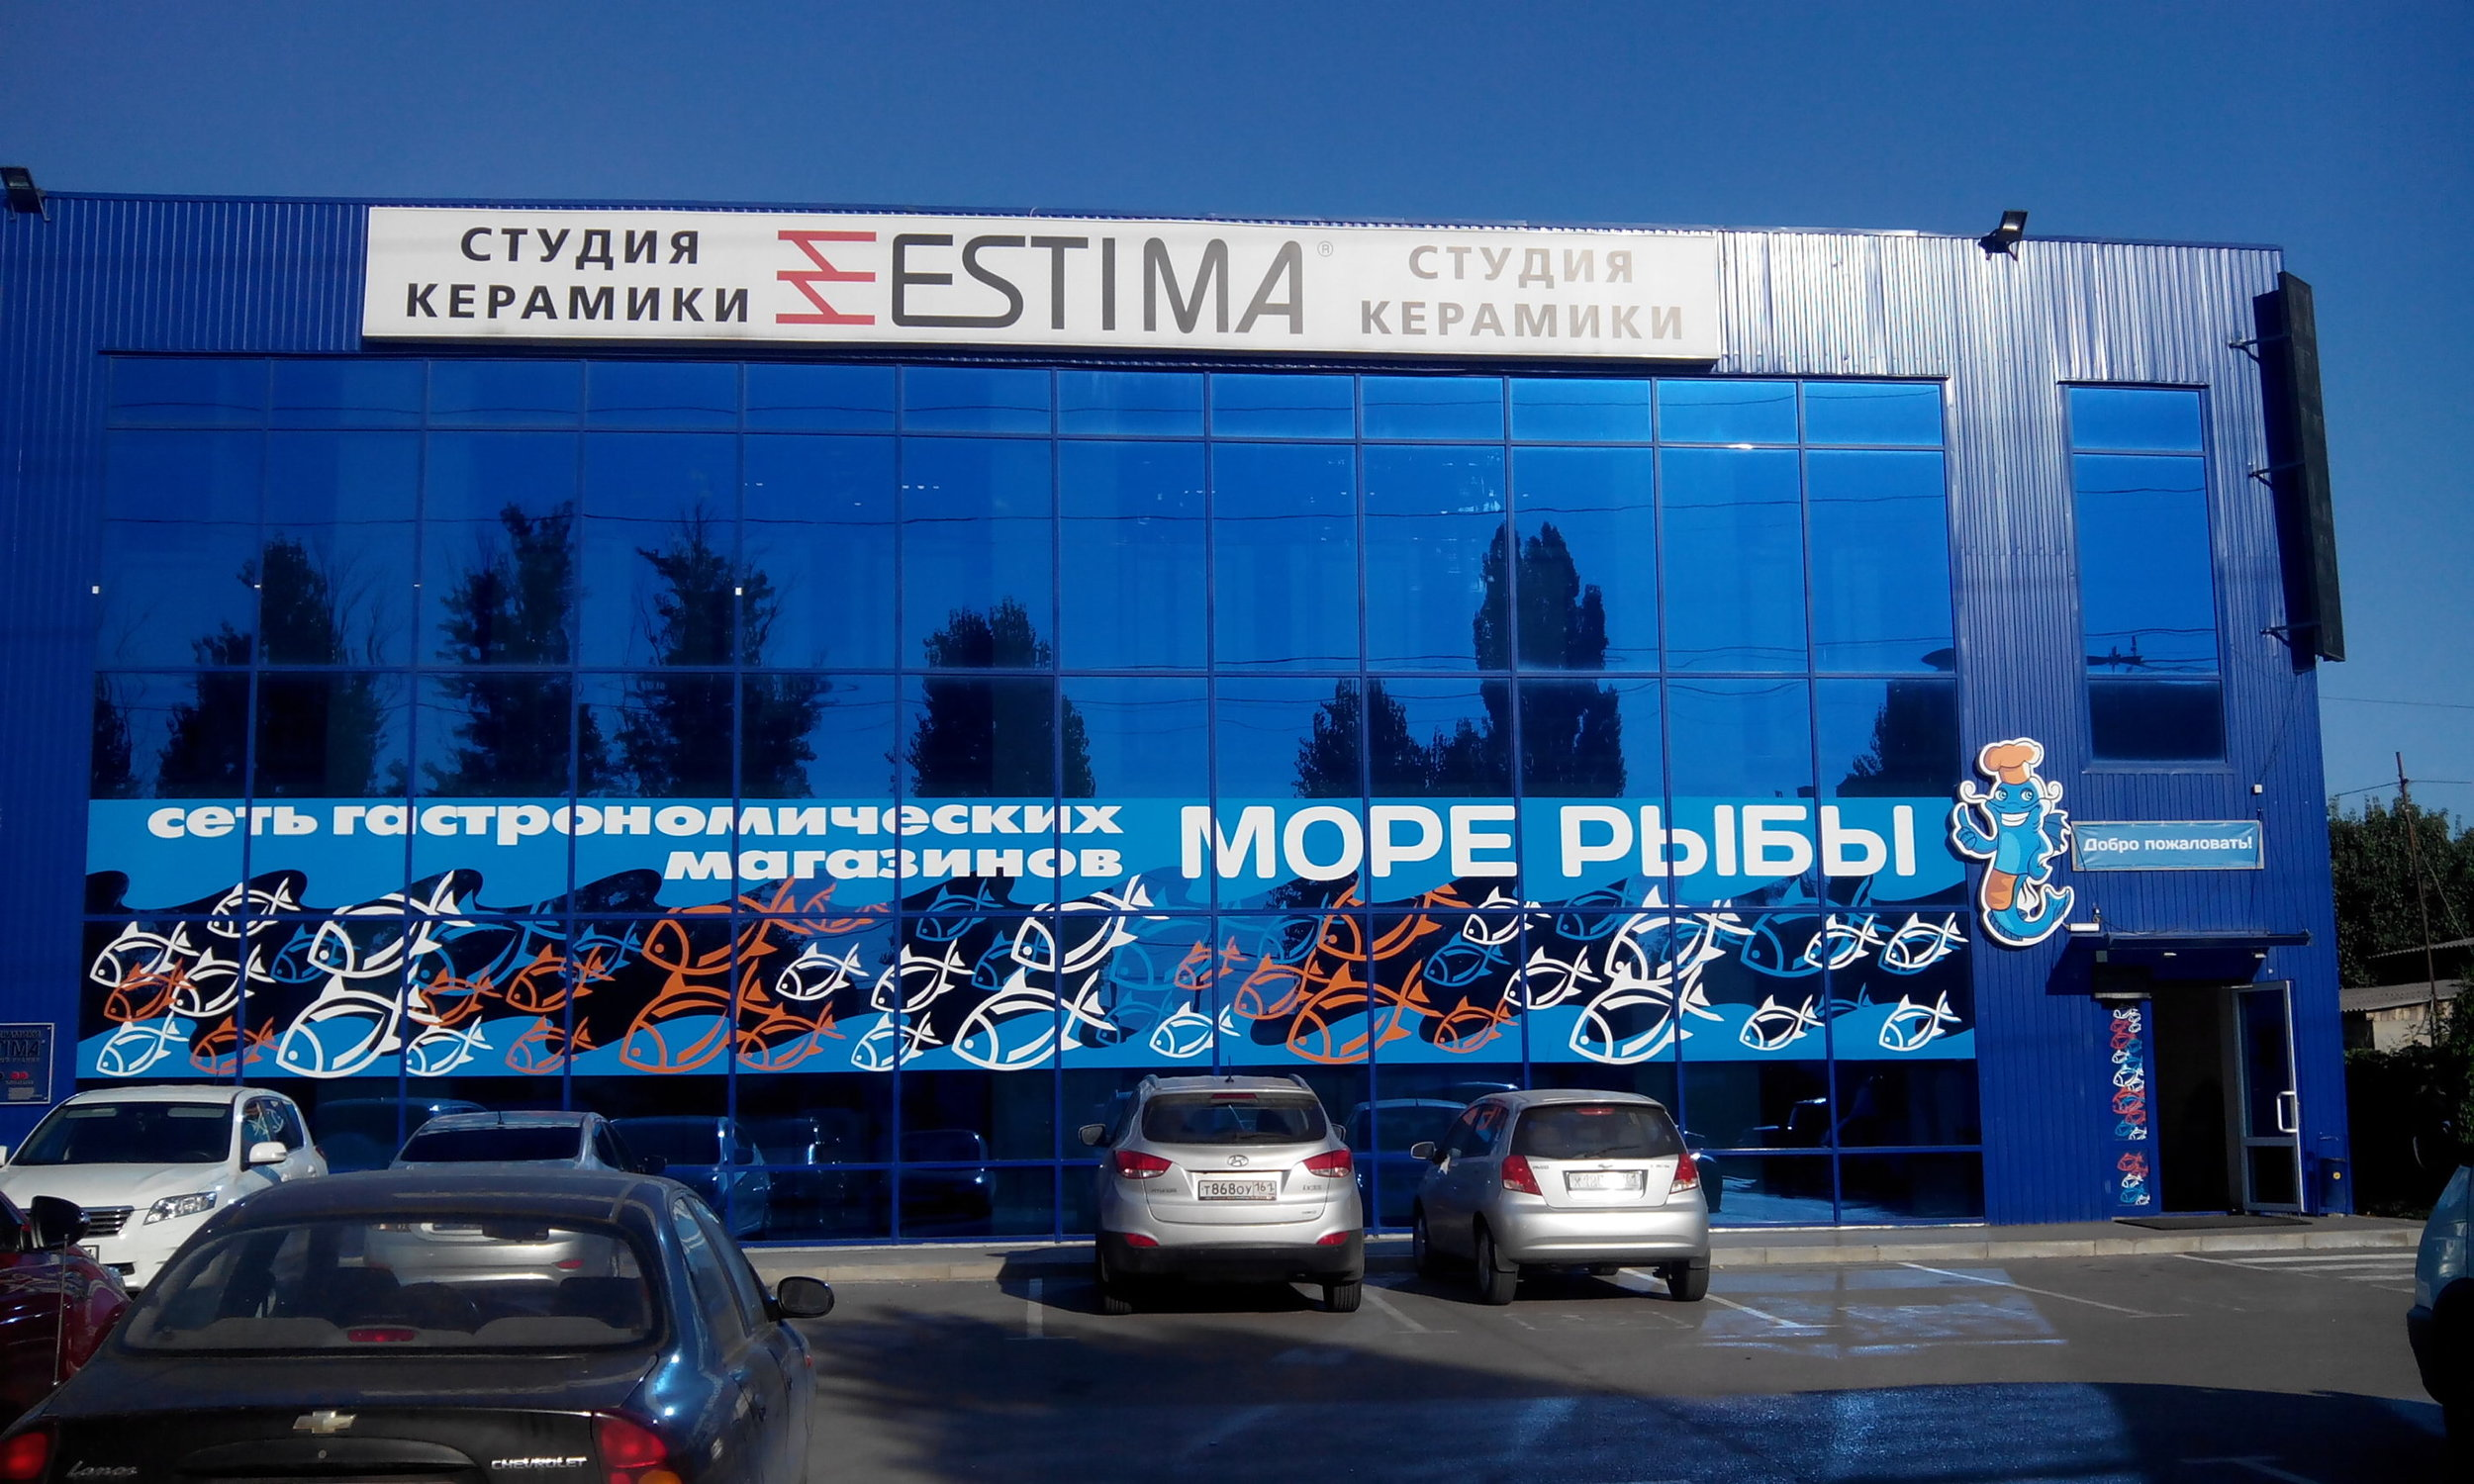 вид с улицы Ростов.jpg